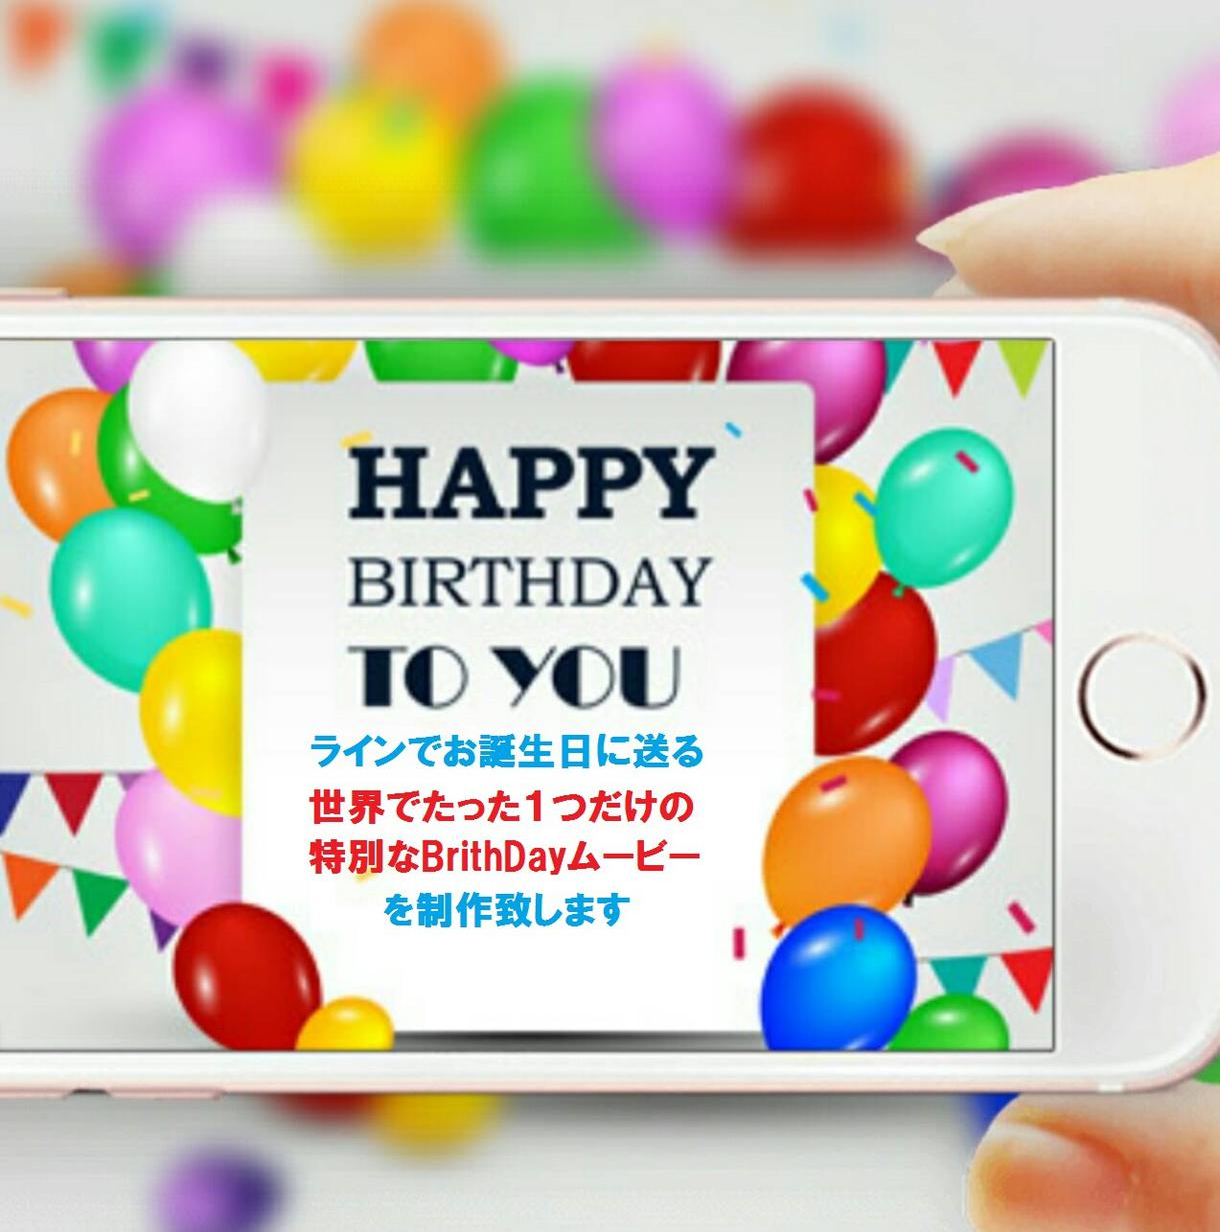 お誕生日メッセージムービーを制作いたします 大切な方へのお誕生日に喜ばれるショートメッセージムービーを‼